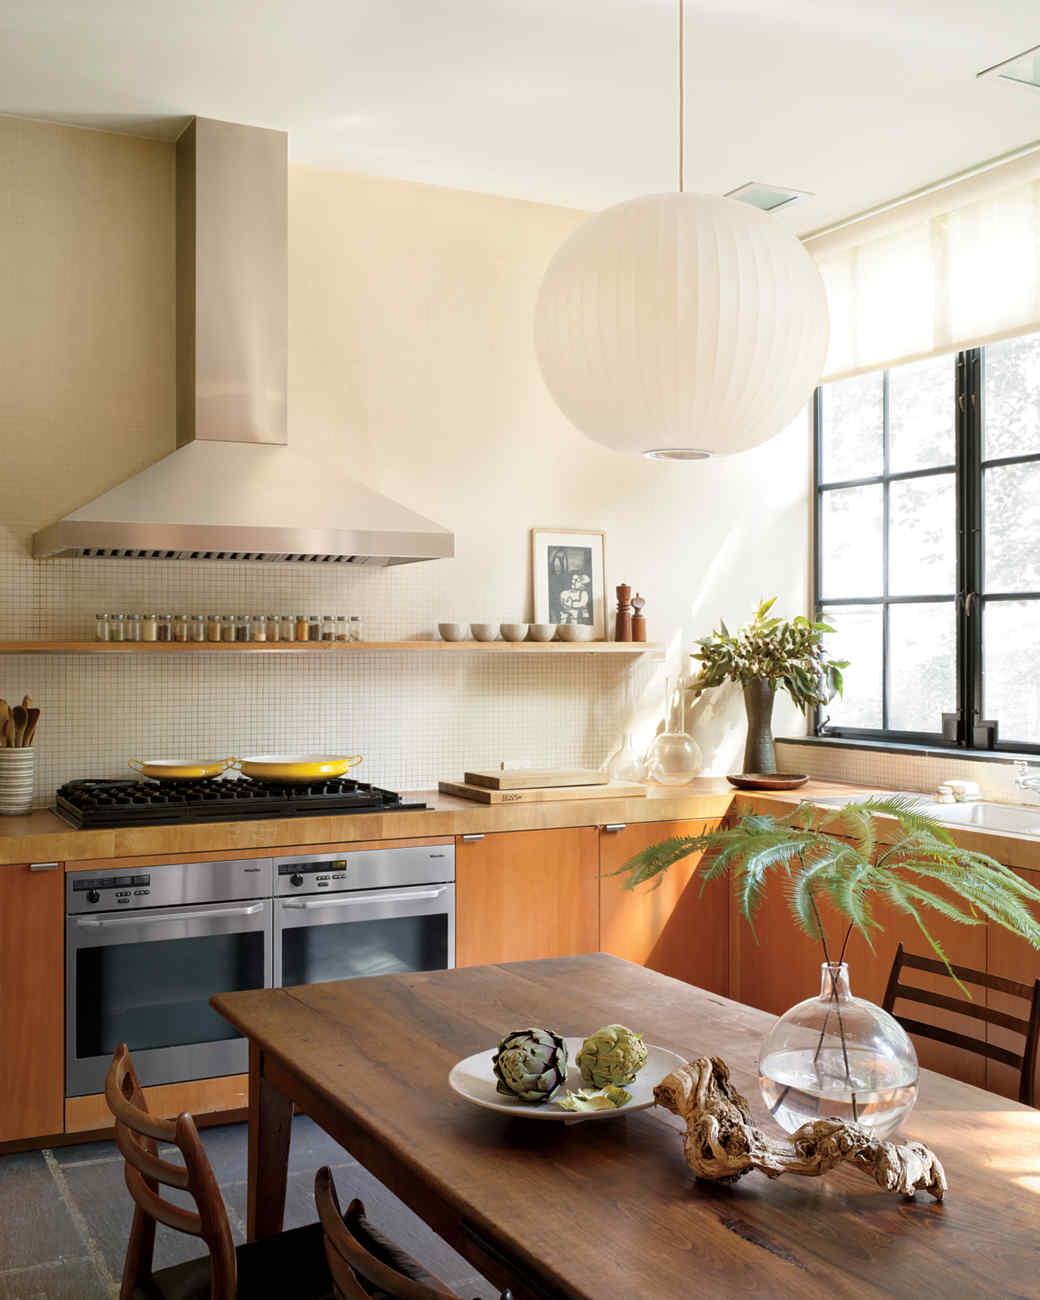 cary-tamarkin-kitchen-1-mld107949.jpg